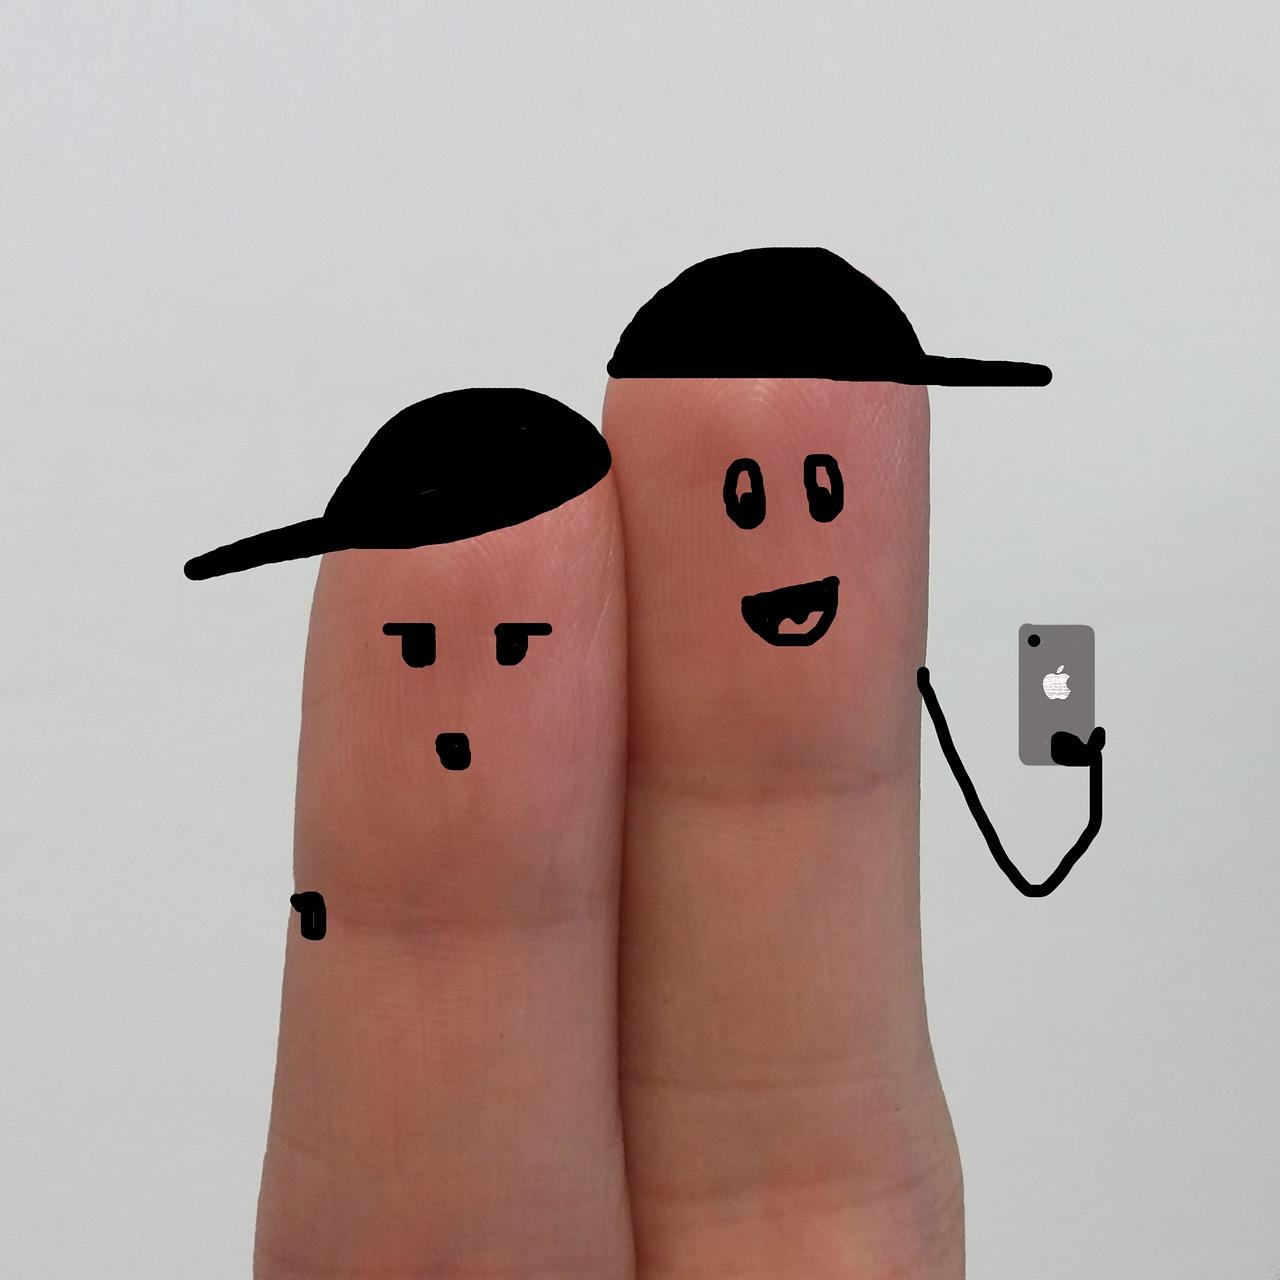 selfie-2012540_1280